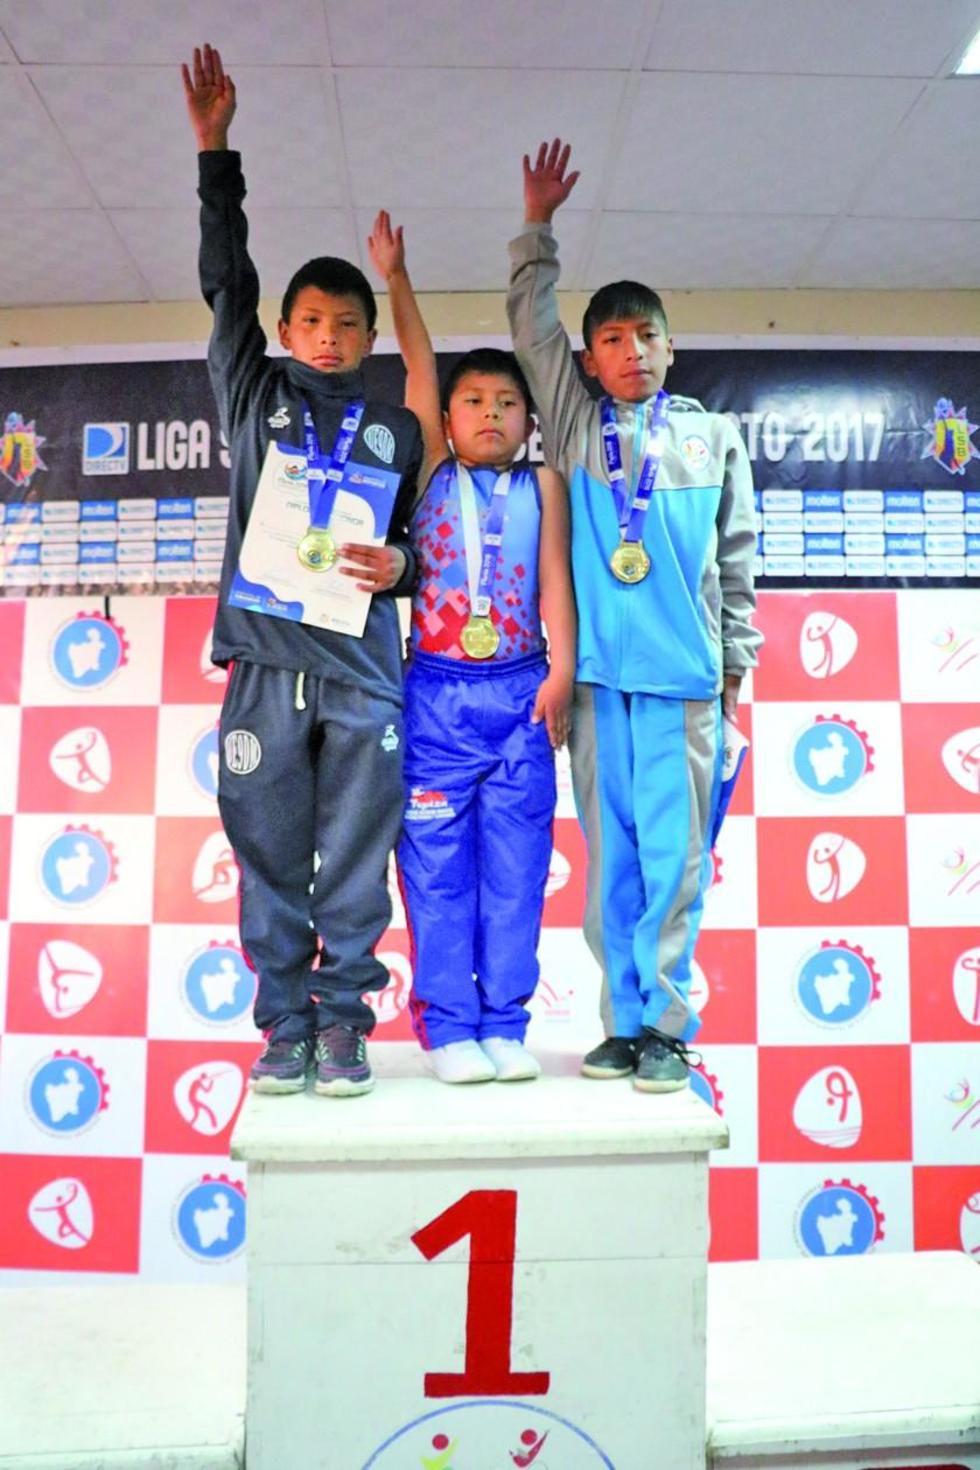 Los campeones Joel Pérez, Miguel Castro y Damian Troncoso.